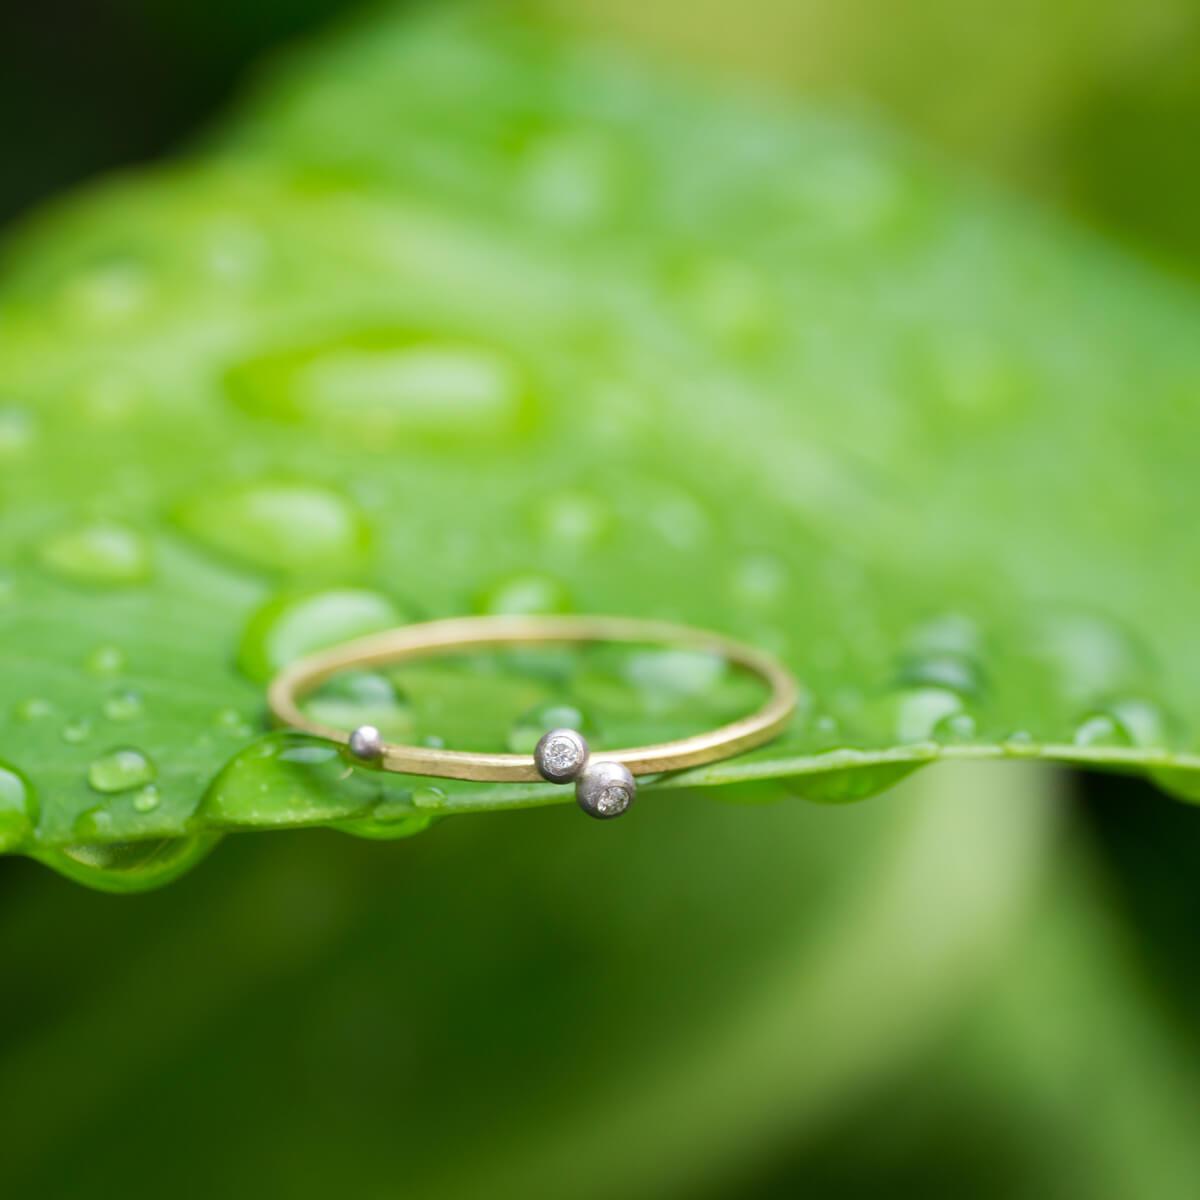 しずくの指輪 屋久島の雨のしずく ゴールド、プラチナ、ダイヤモンド 屋久島しずくギャラリーの庭 屋久島でつくる結婚指輪